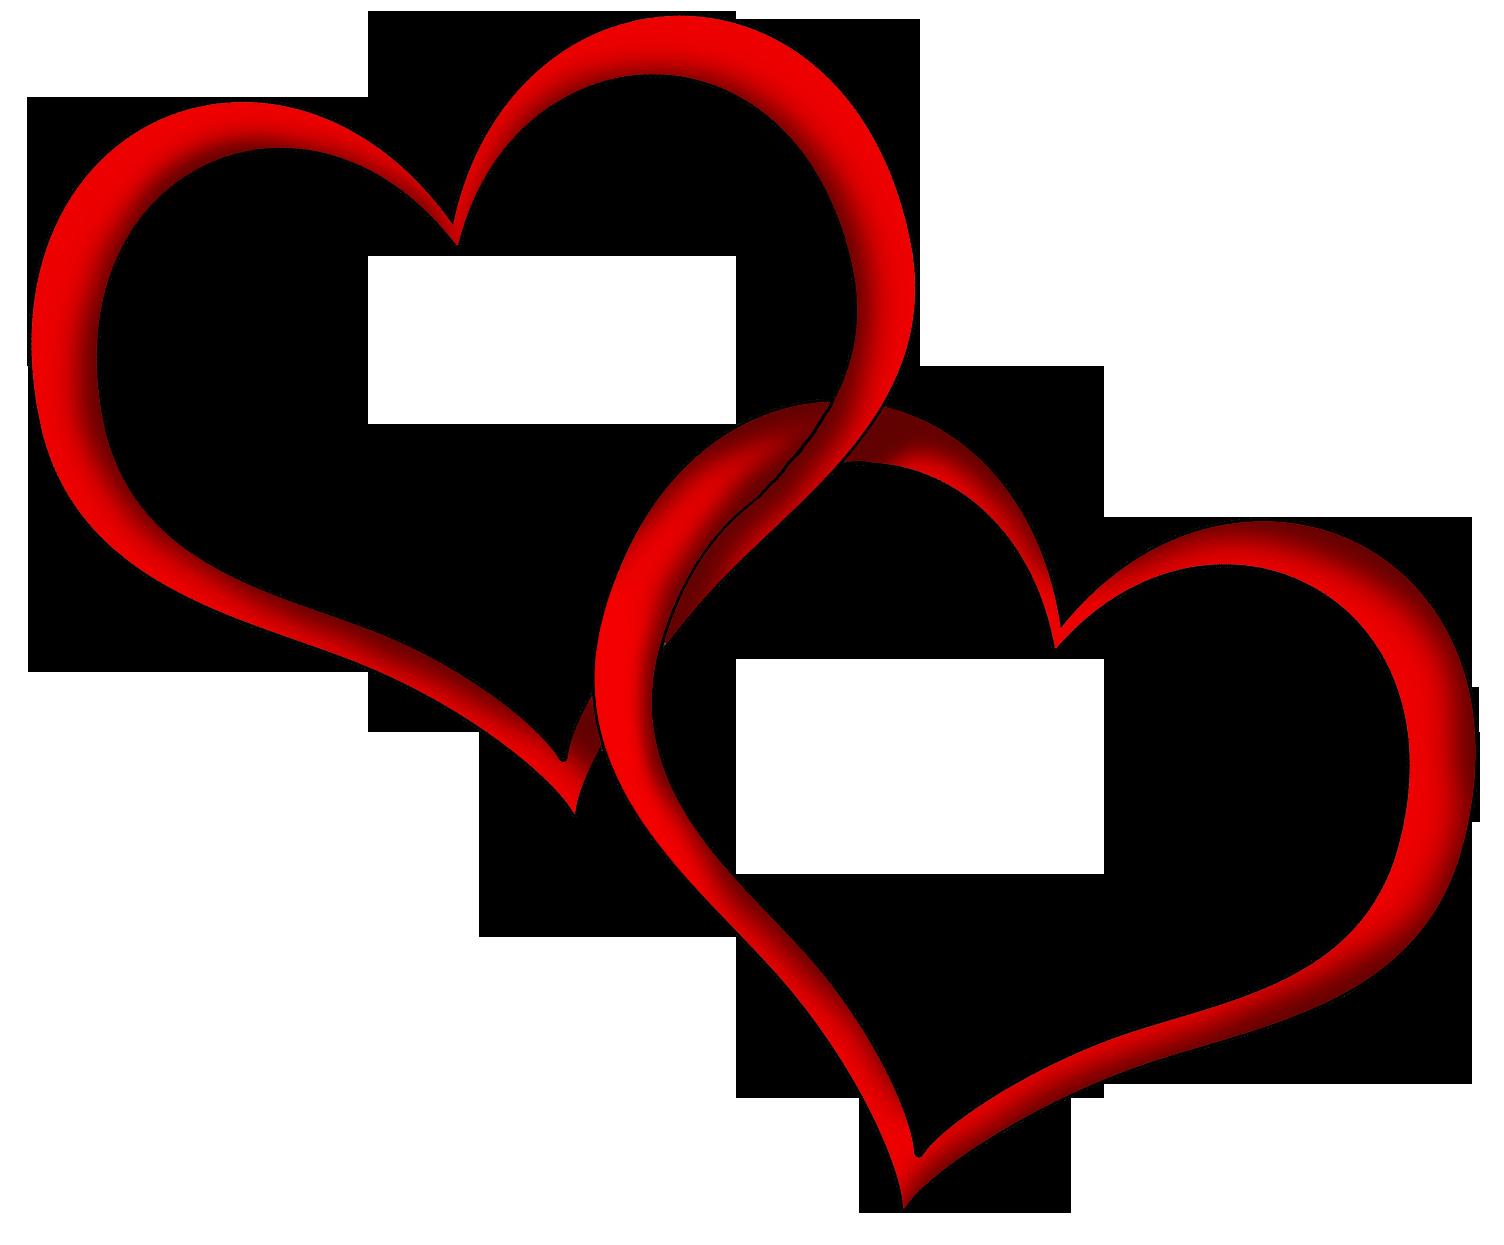 Hearts heart clipart